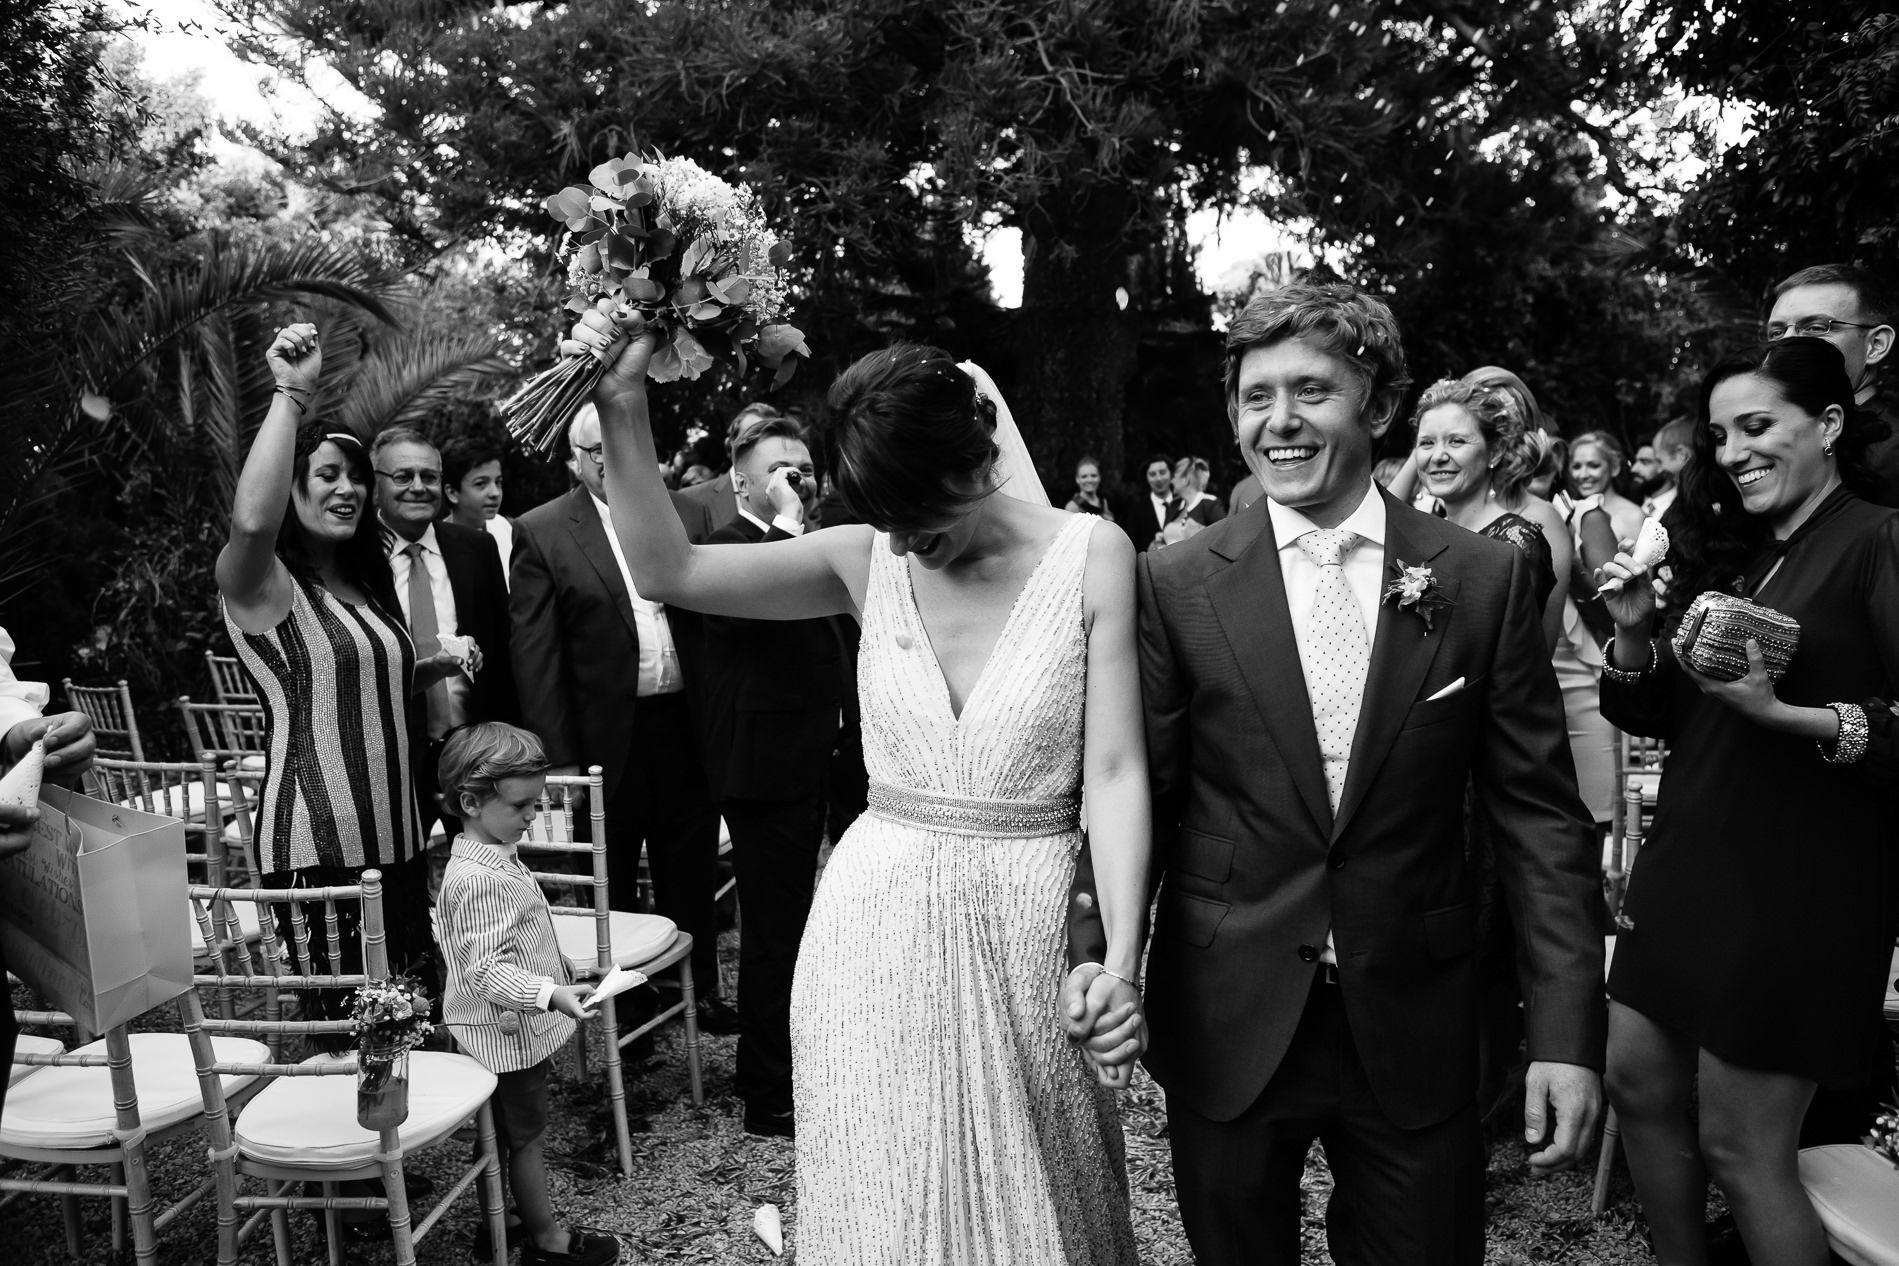 Marisa y maciek boda en huerto barral boluda - Huerto barral boluda ...